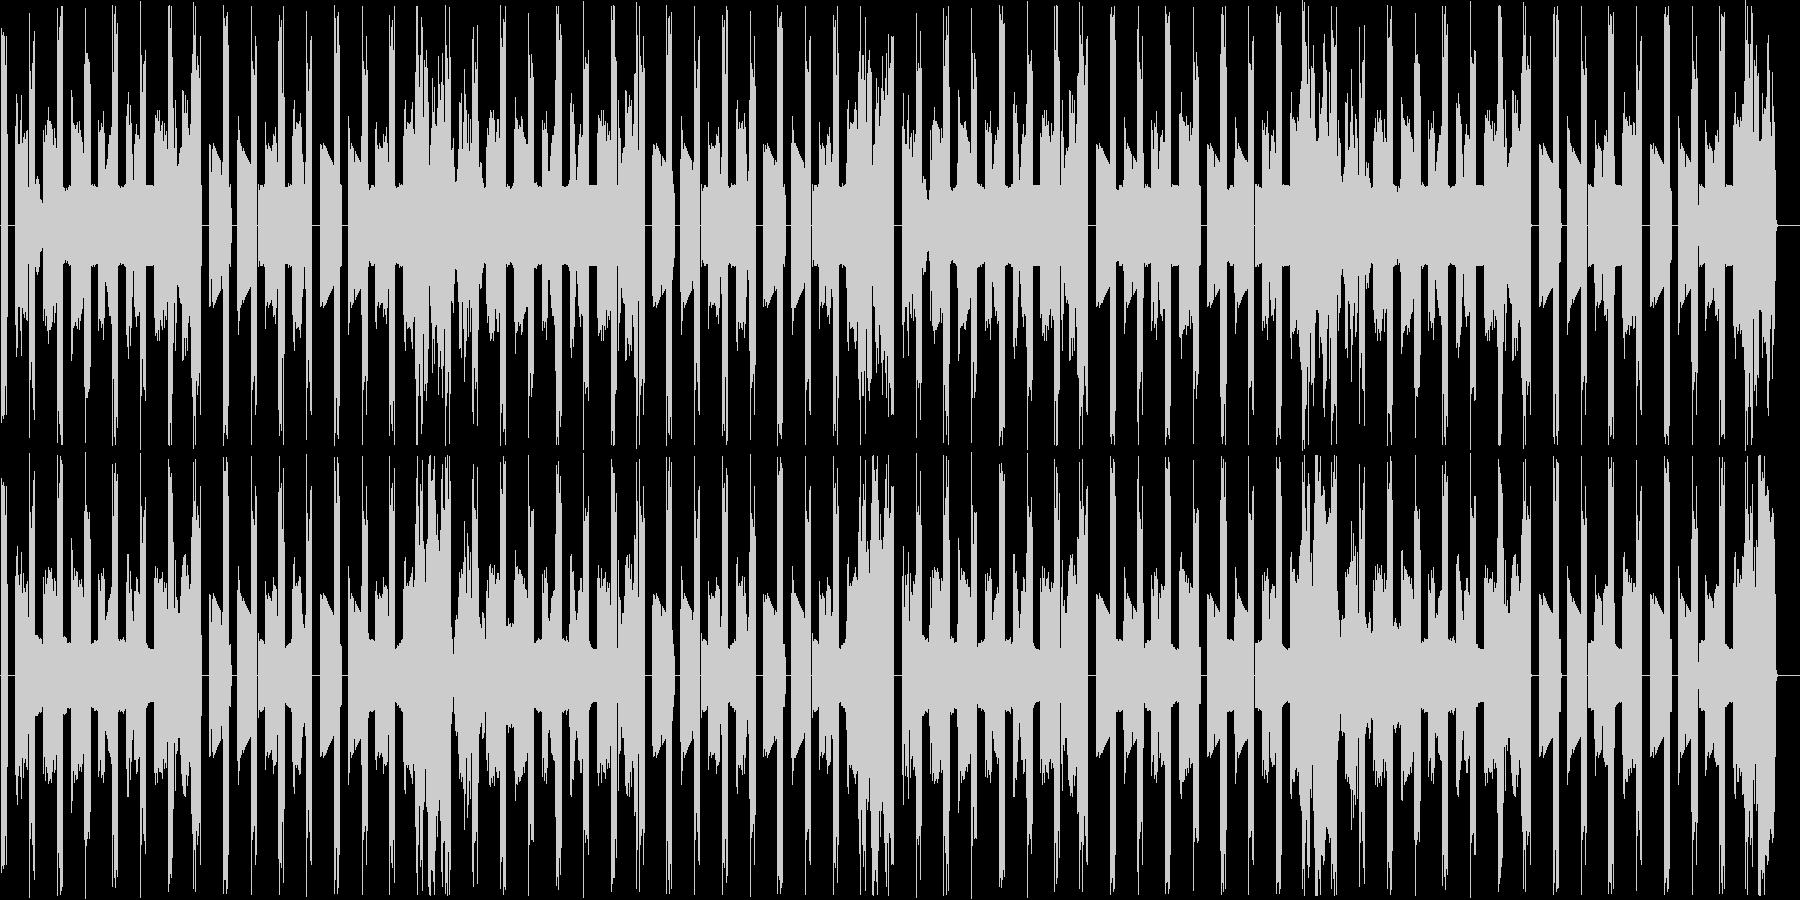 ベースとパーカッションだけの曲ですの未再生の波形